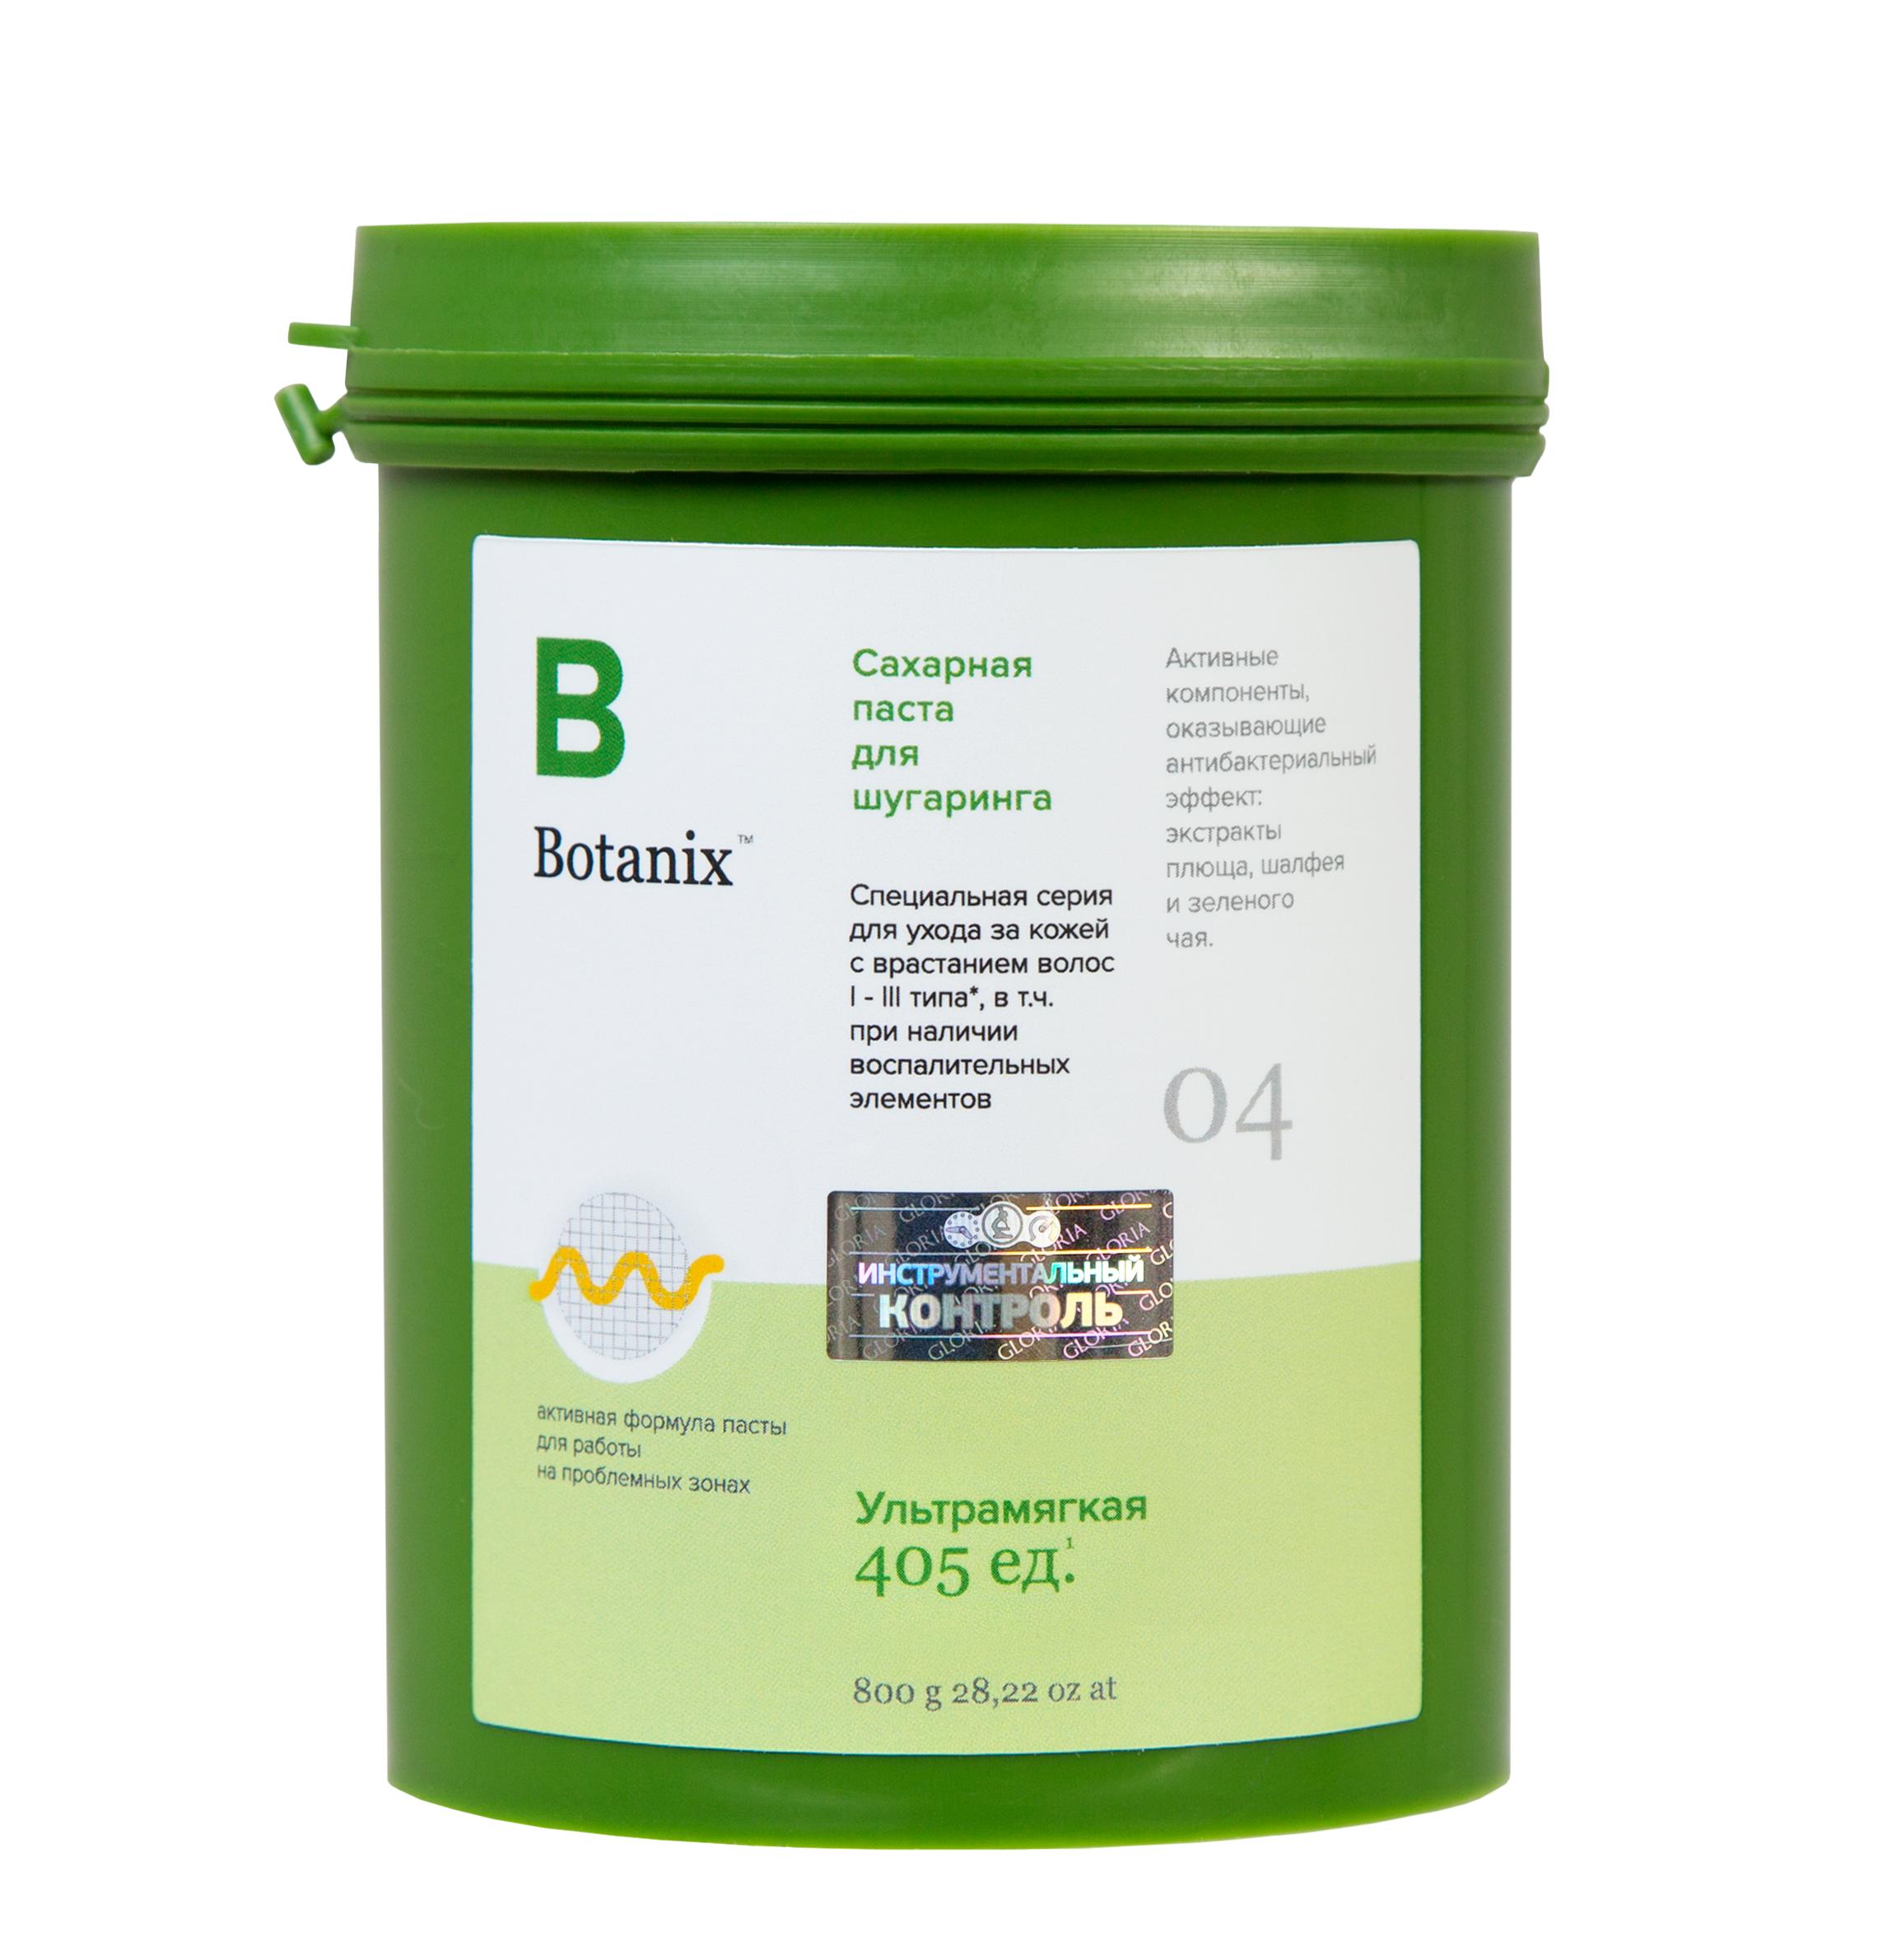 GLORIA Паста сахарная ультрамягкая для шугаринга / Botanix 800 г